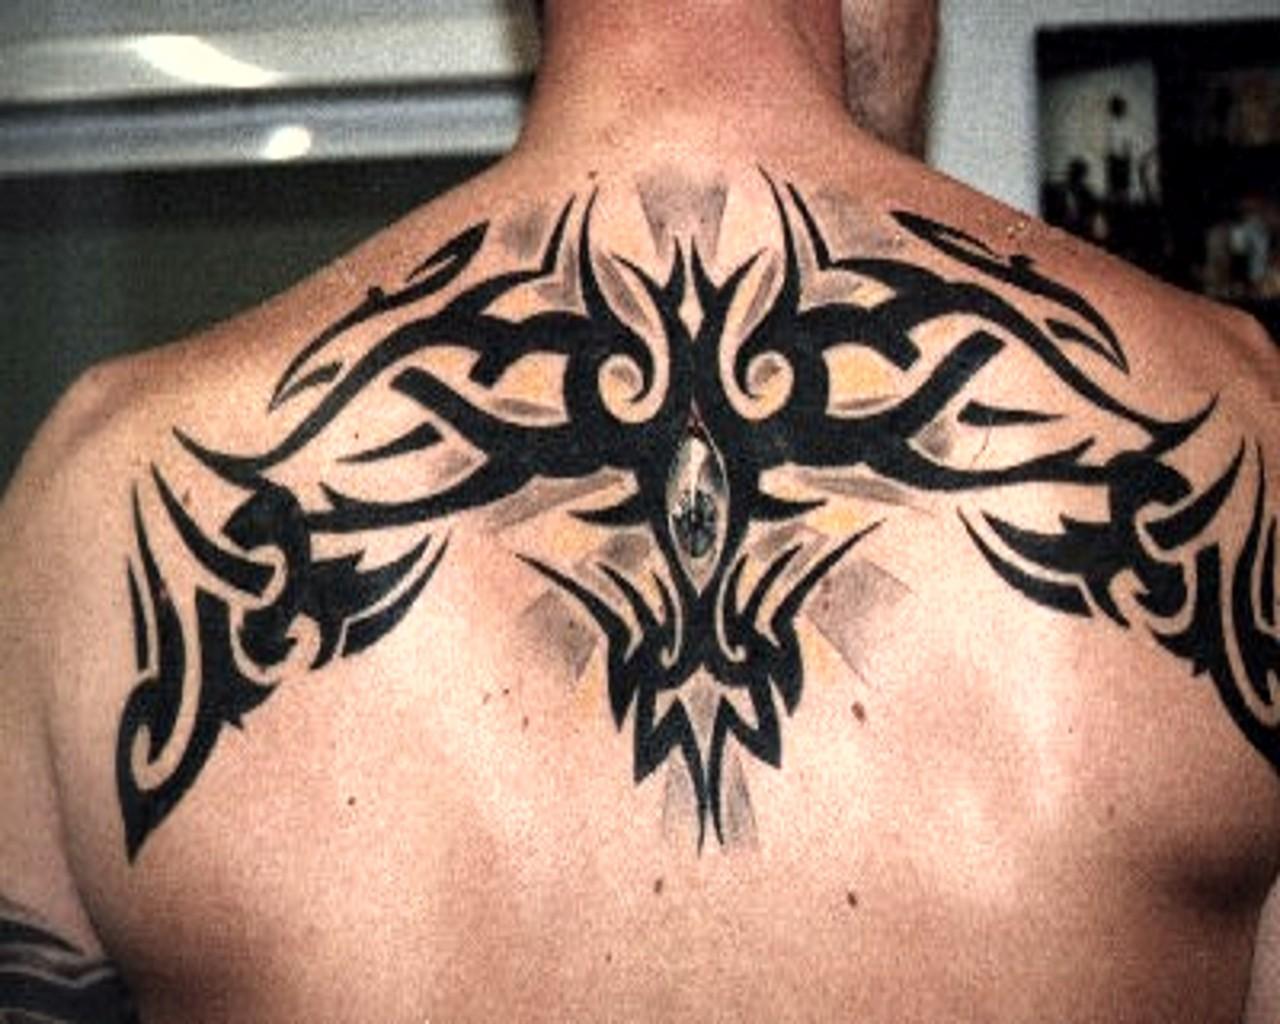 Tattoos for Men 2011: Back Tribal Tattoos For Men ...